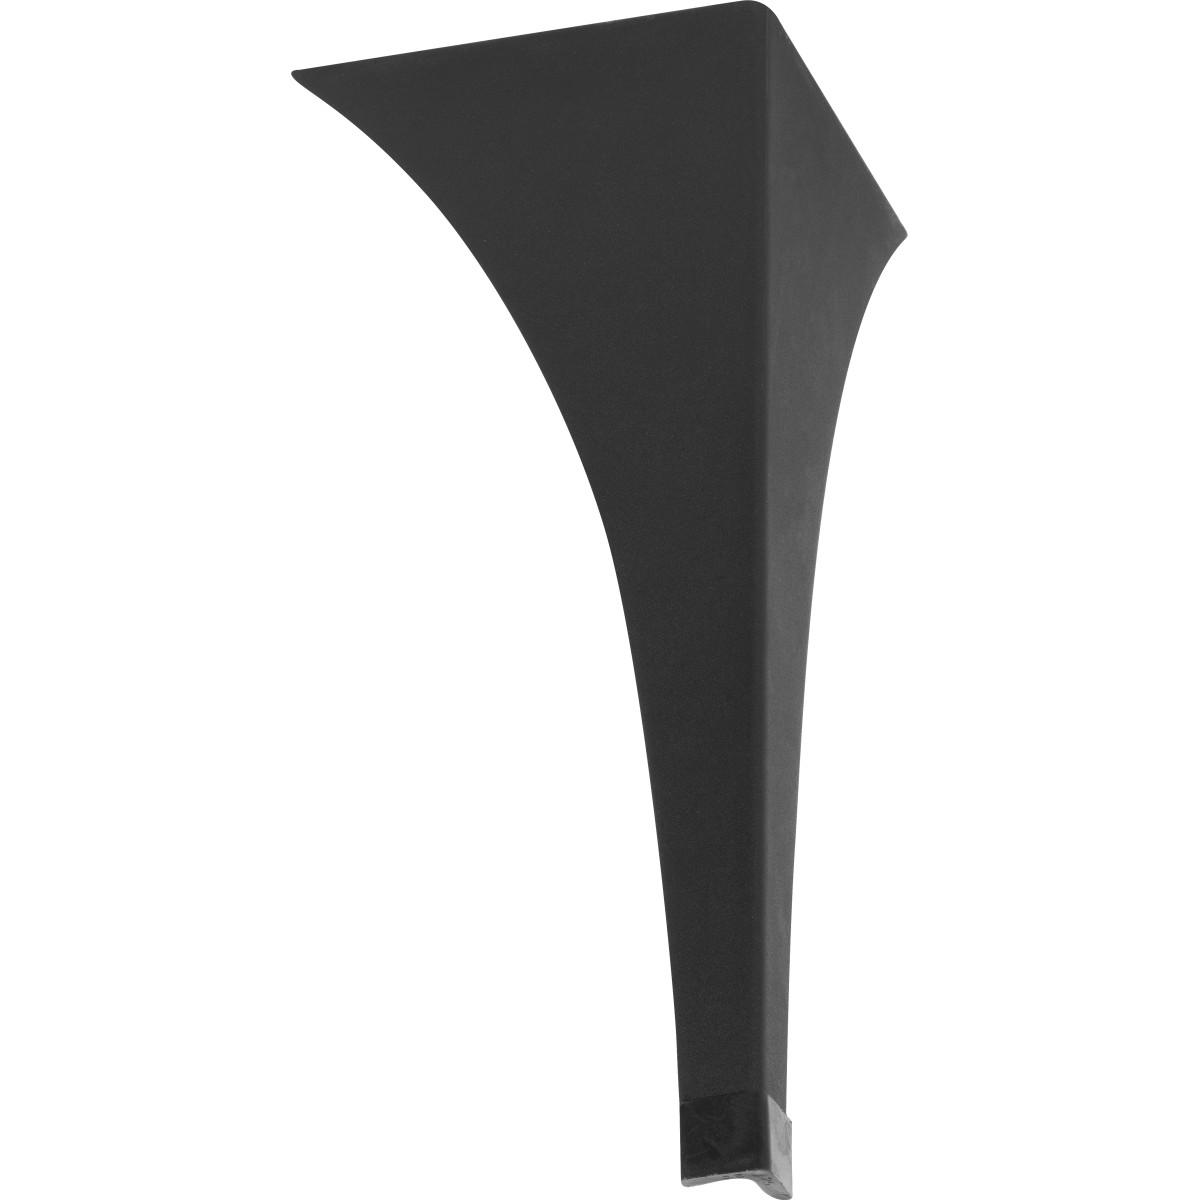 Ножка для журнального стола 400 мм цвет черный